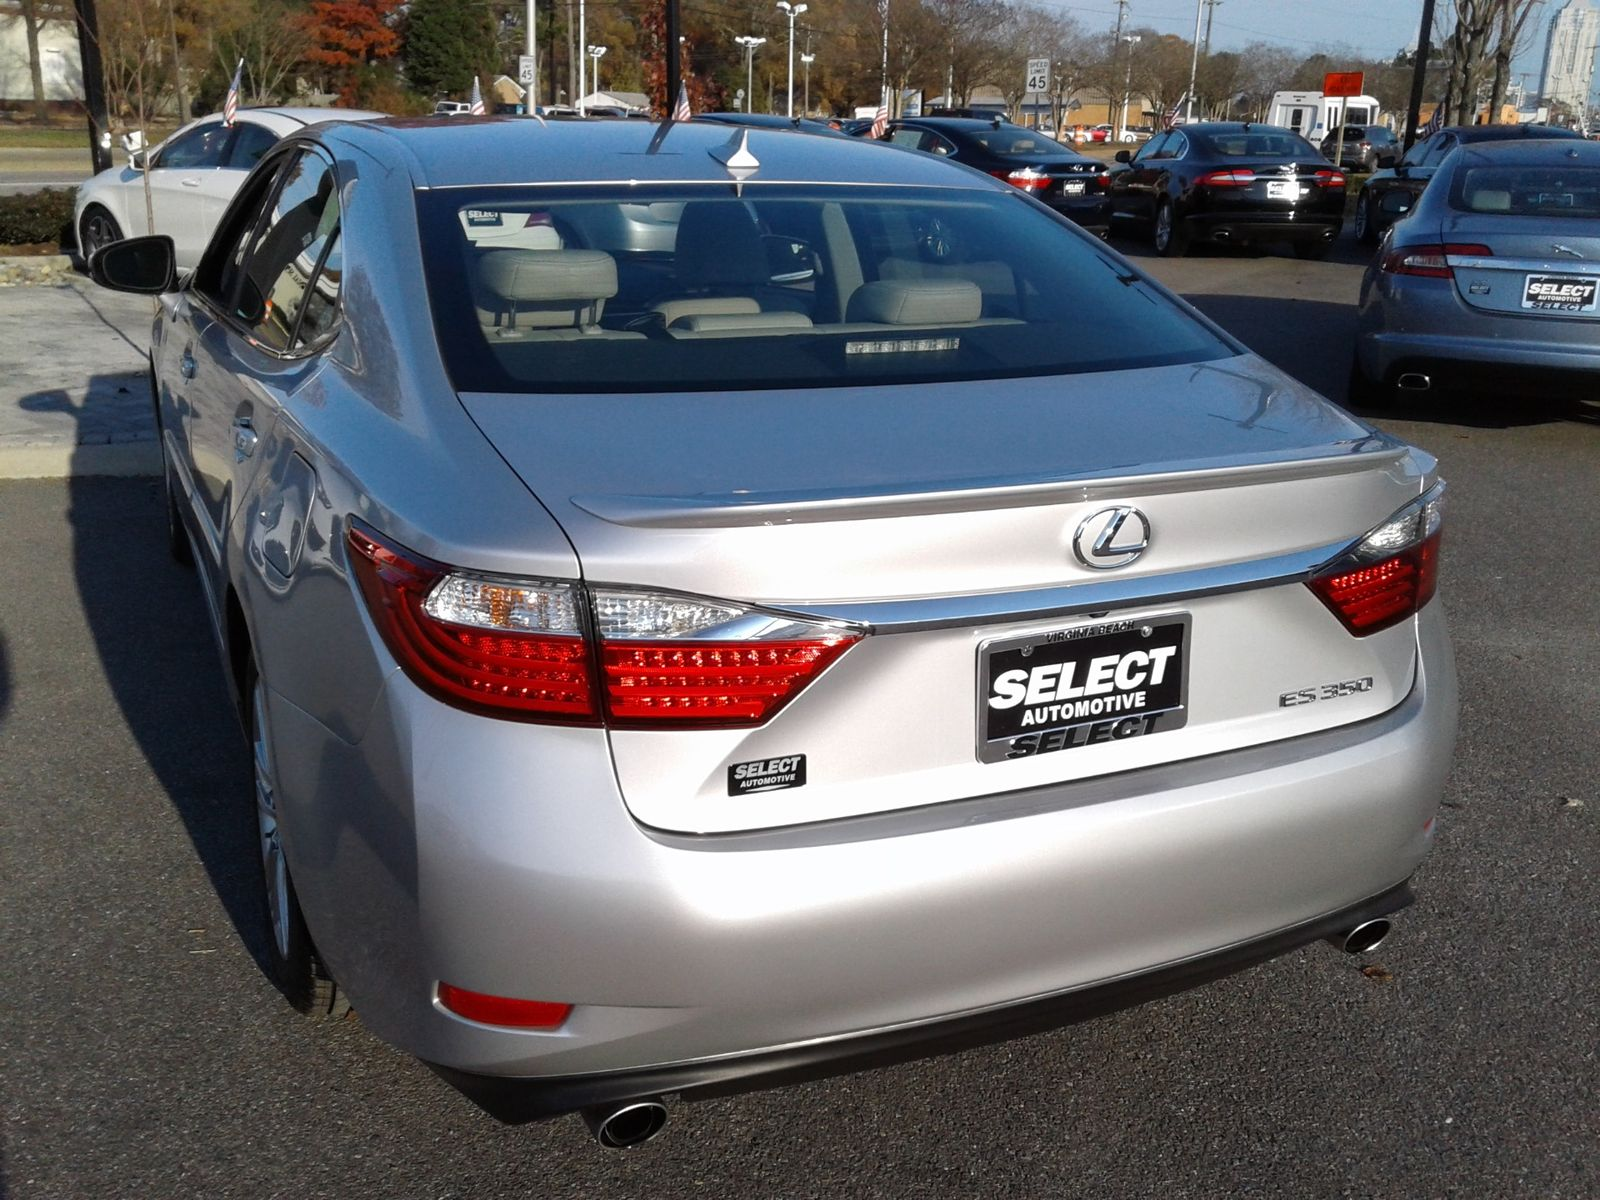 2013 Lexus ES 350 4dr Sdn city Virginia Select Automotive VA